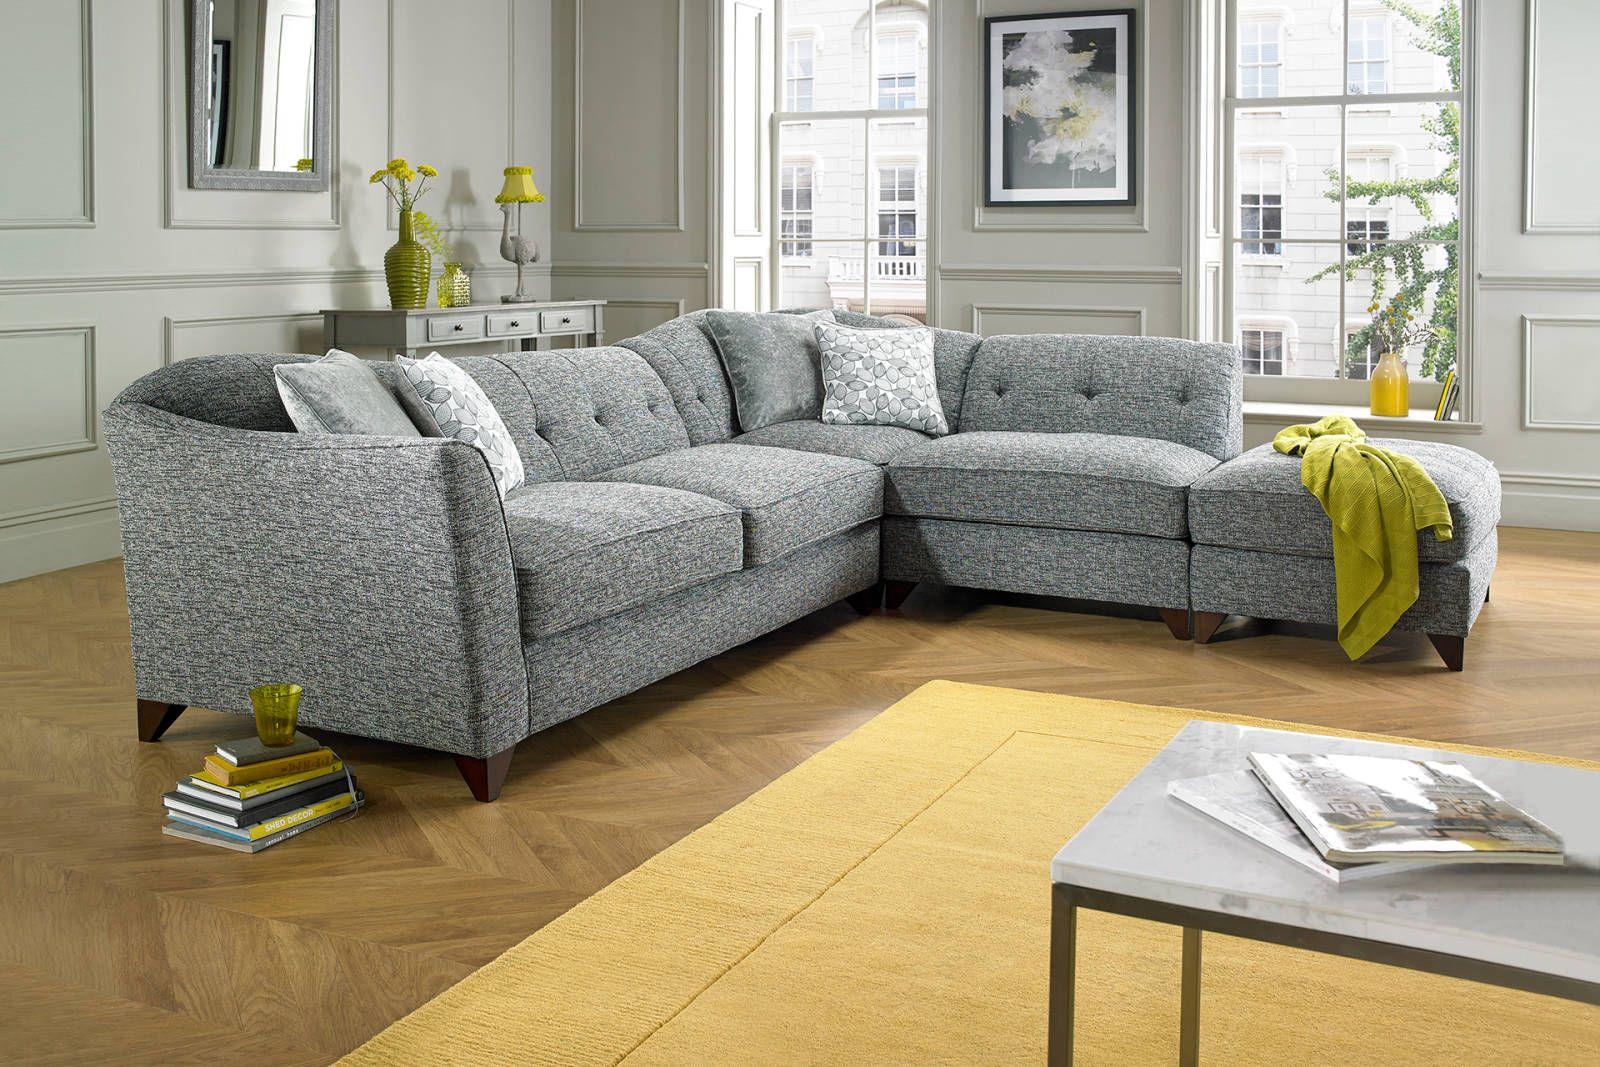 Best Bartelli Sofology Living Room Corner Sofa Corner 400 x 300